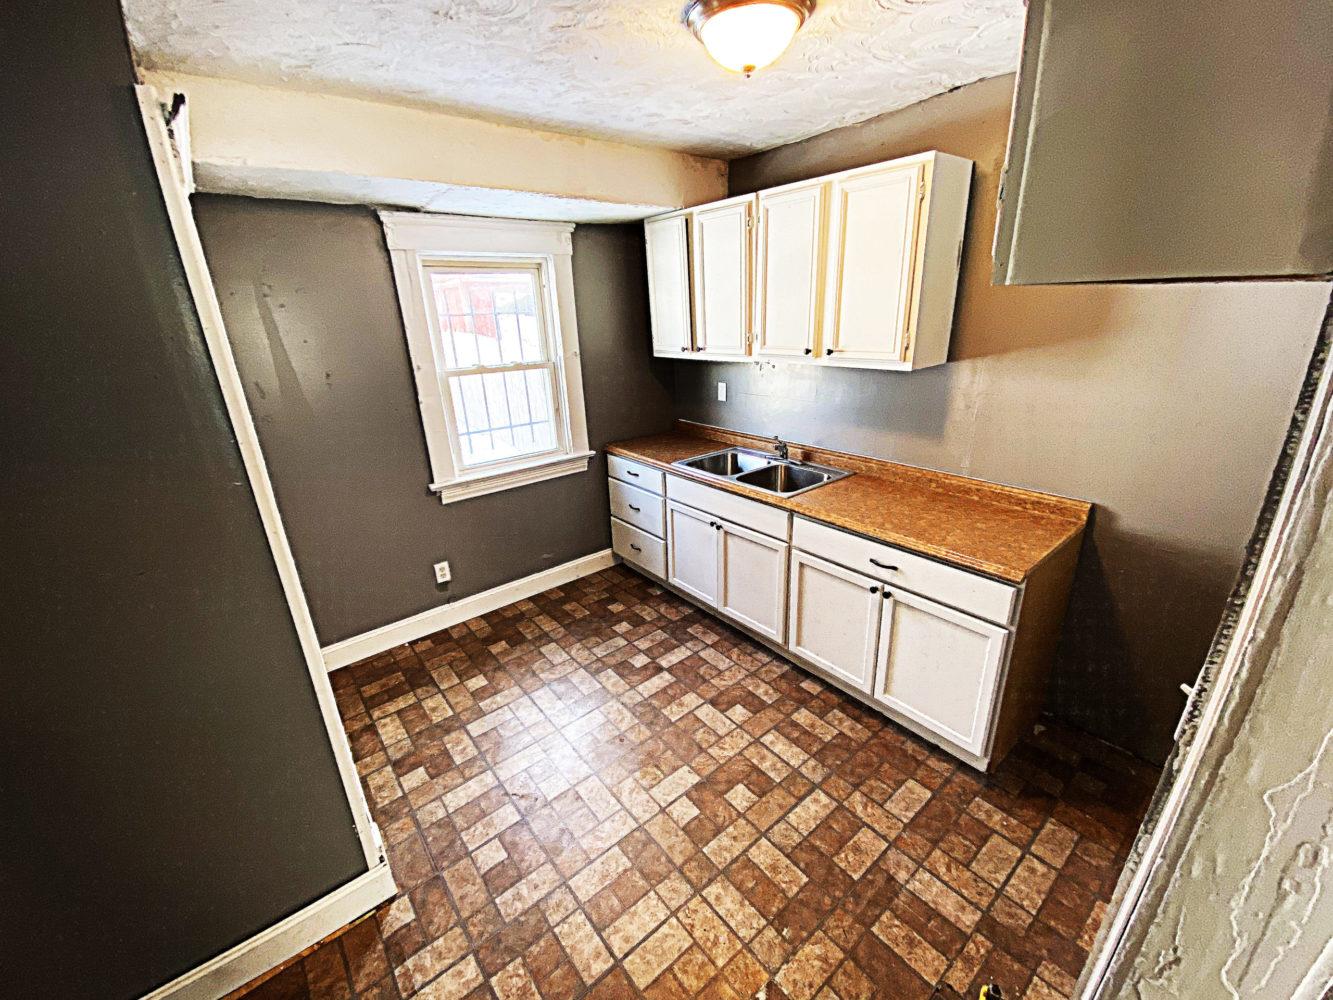 [$70K – $75K] Maison a Cleveland 3 chambres 1 salle de bain